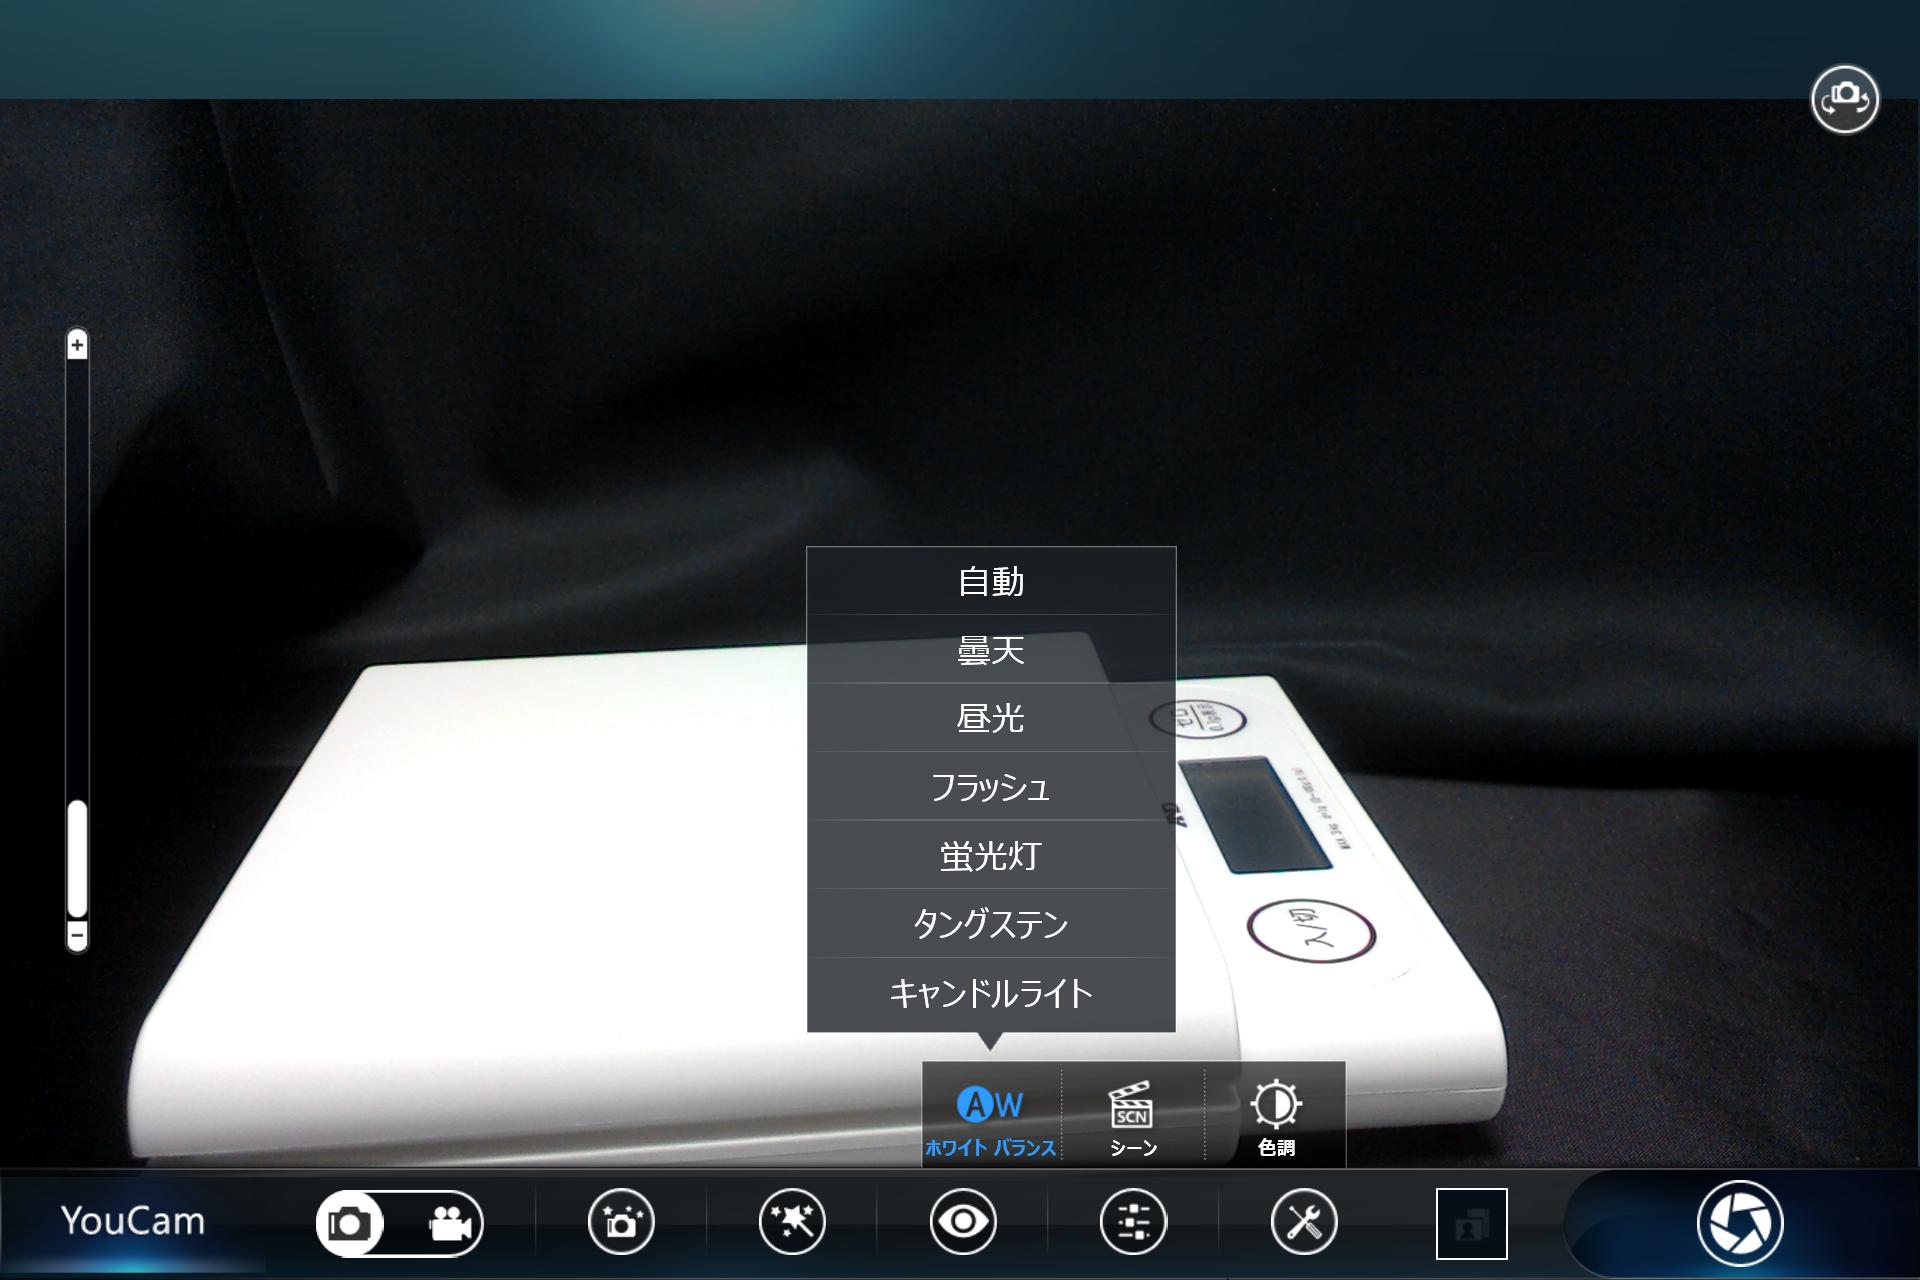 サイバーリンクがWindowsストアで販売しているYouCam Mobileを使うと、ホワイトバランスなどが調整できるようになった